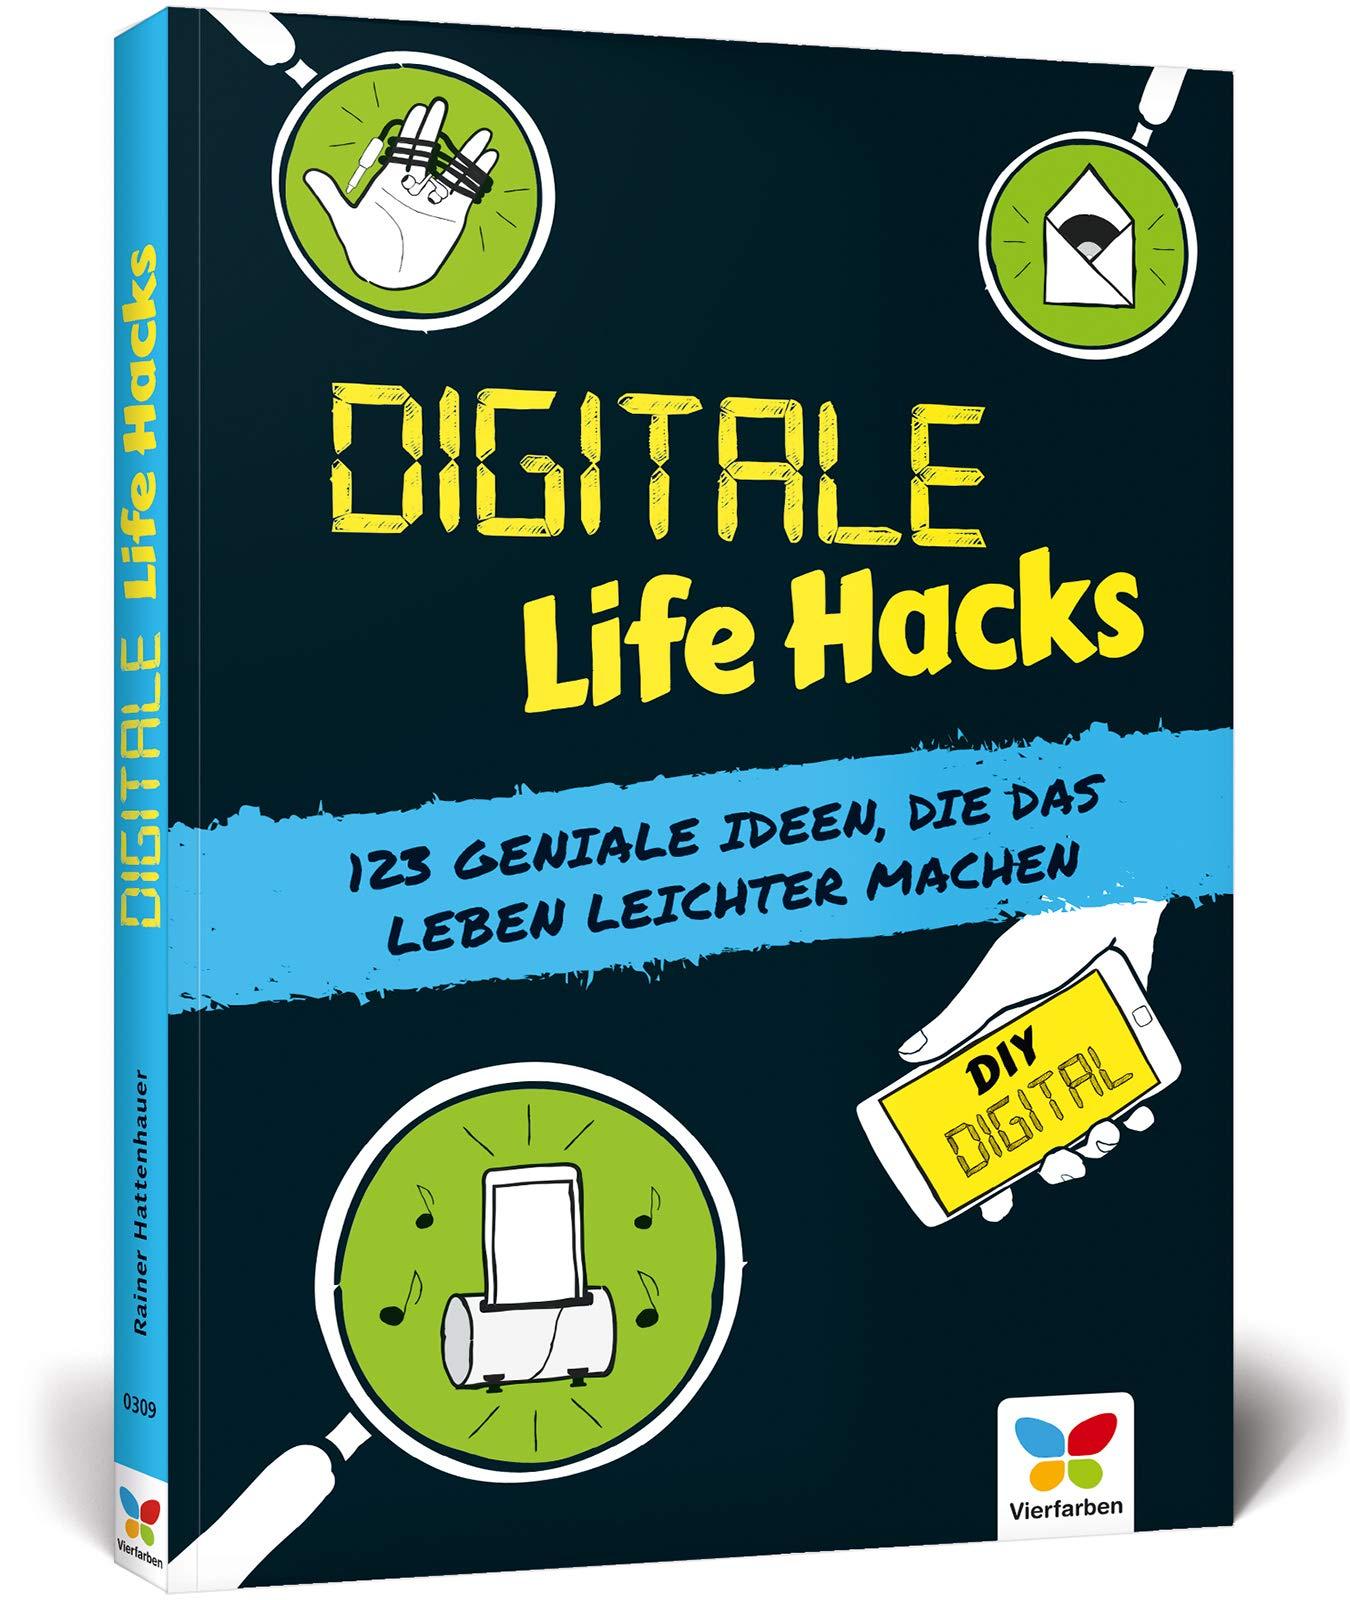 Digitale Life Hacks: 123 geniale Ideen, die das Leben leichter ...